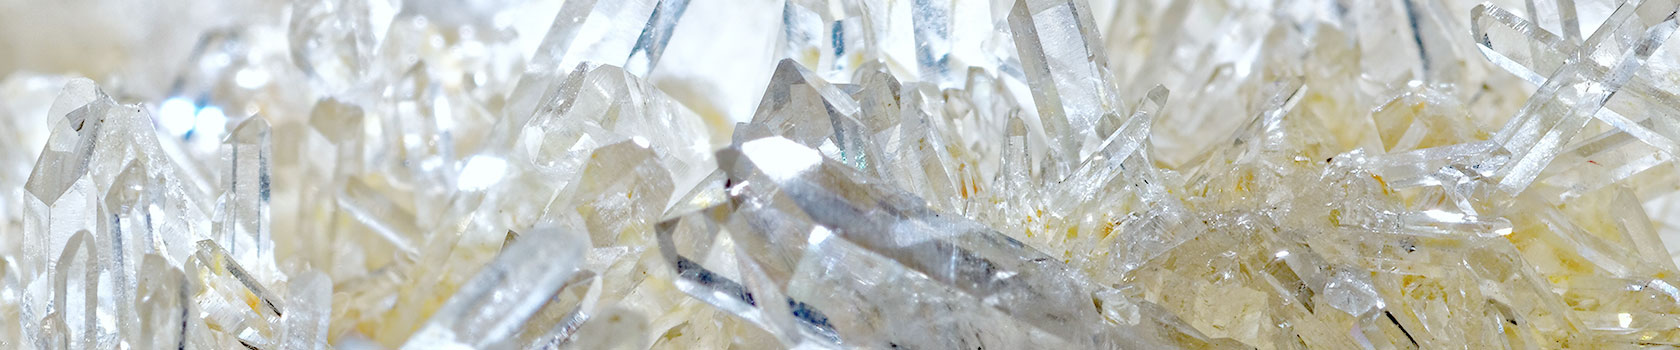 Inorganic Crystal Structure Database – ICSD | FIZ Karlsruhe